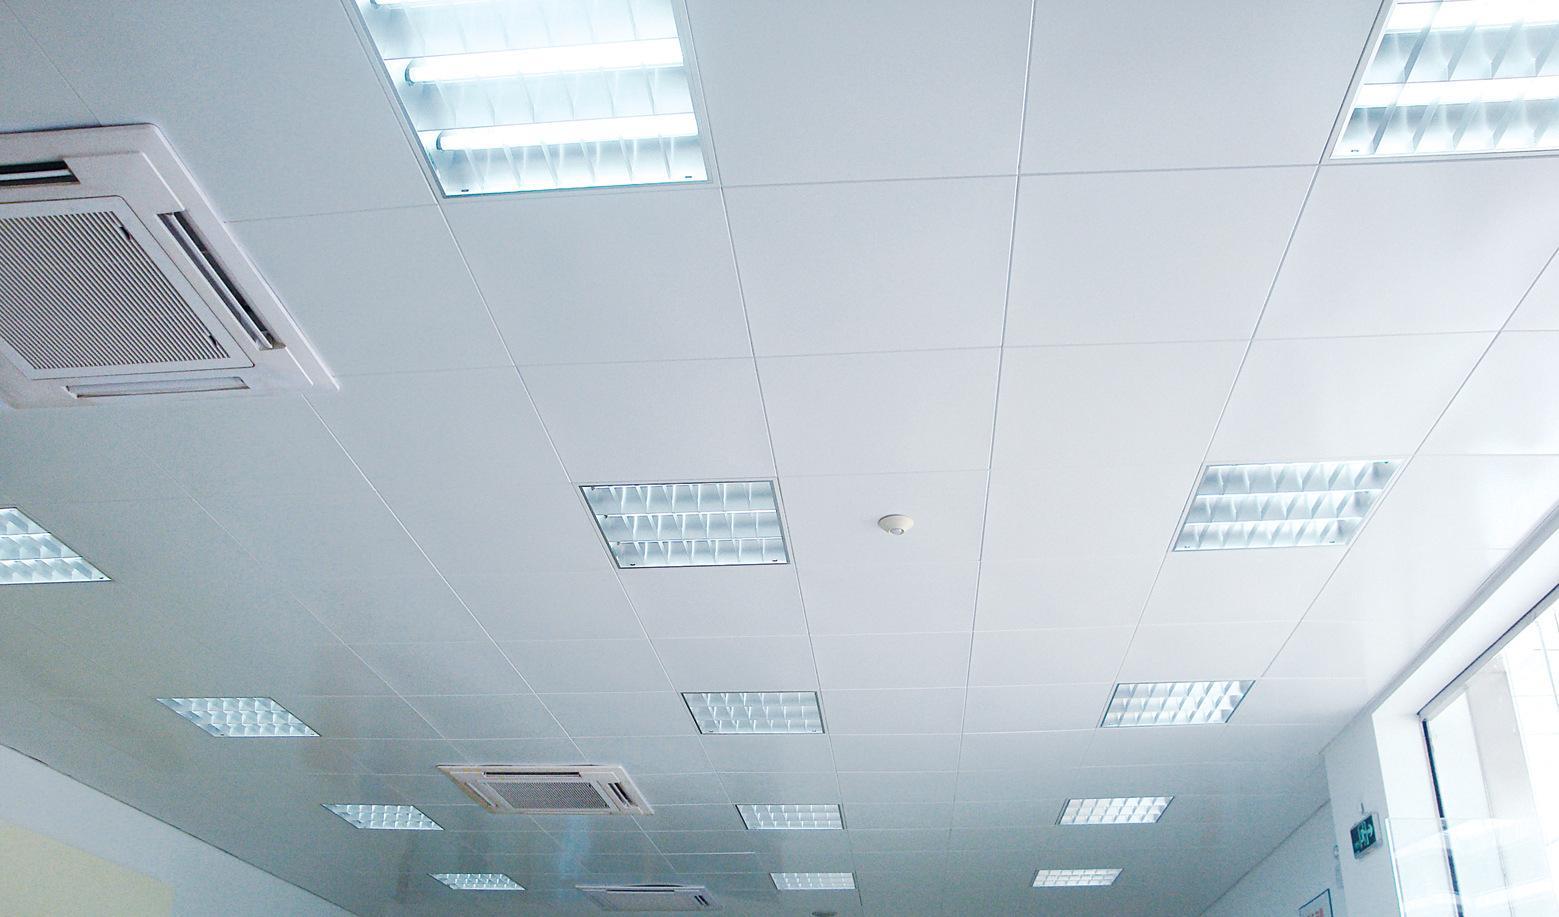 吊顶铝单板购买及安装全套价格分析